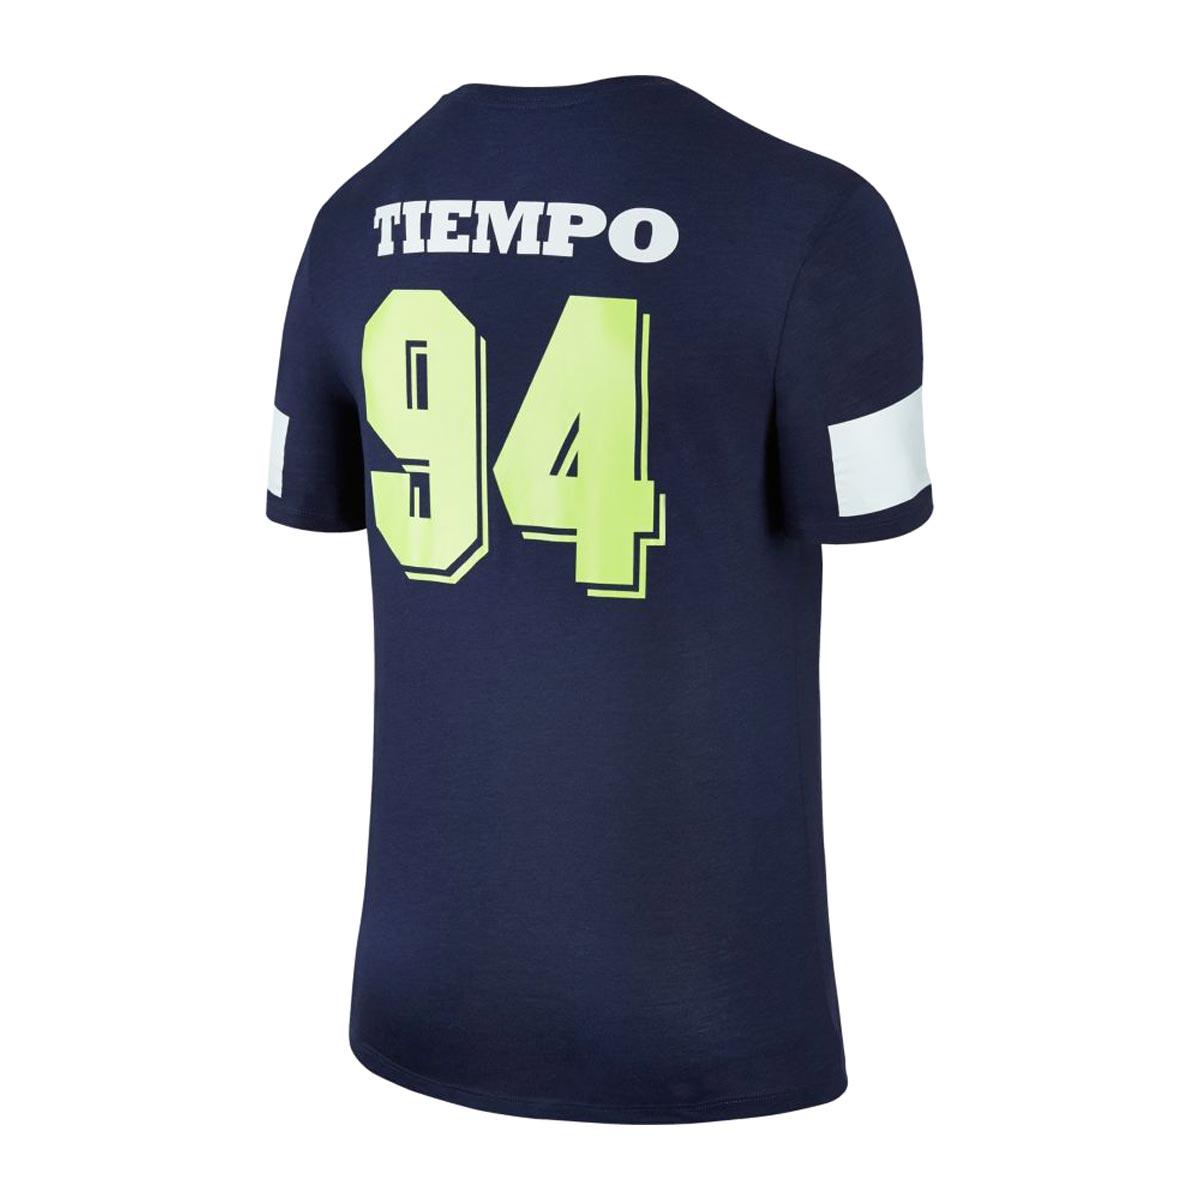 NIKE AS M NK TEE TIEMPO 94 (Nike TIEMPO 94 S/S T-shirt) MIDNIGHT NAVY 17FA-I